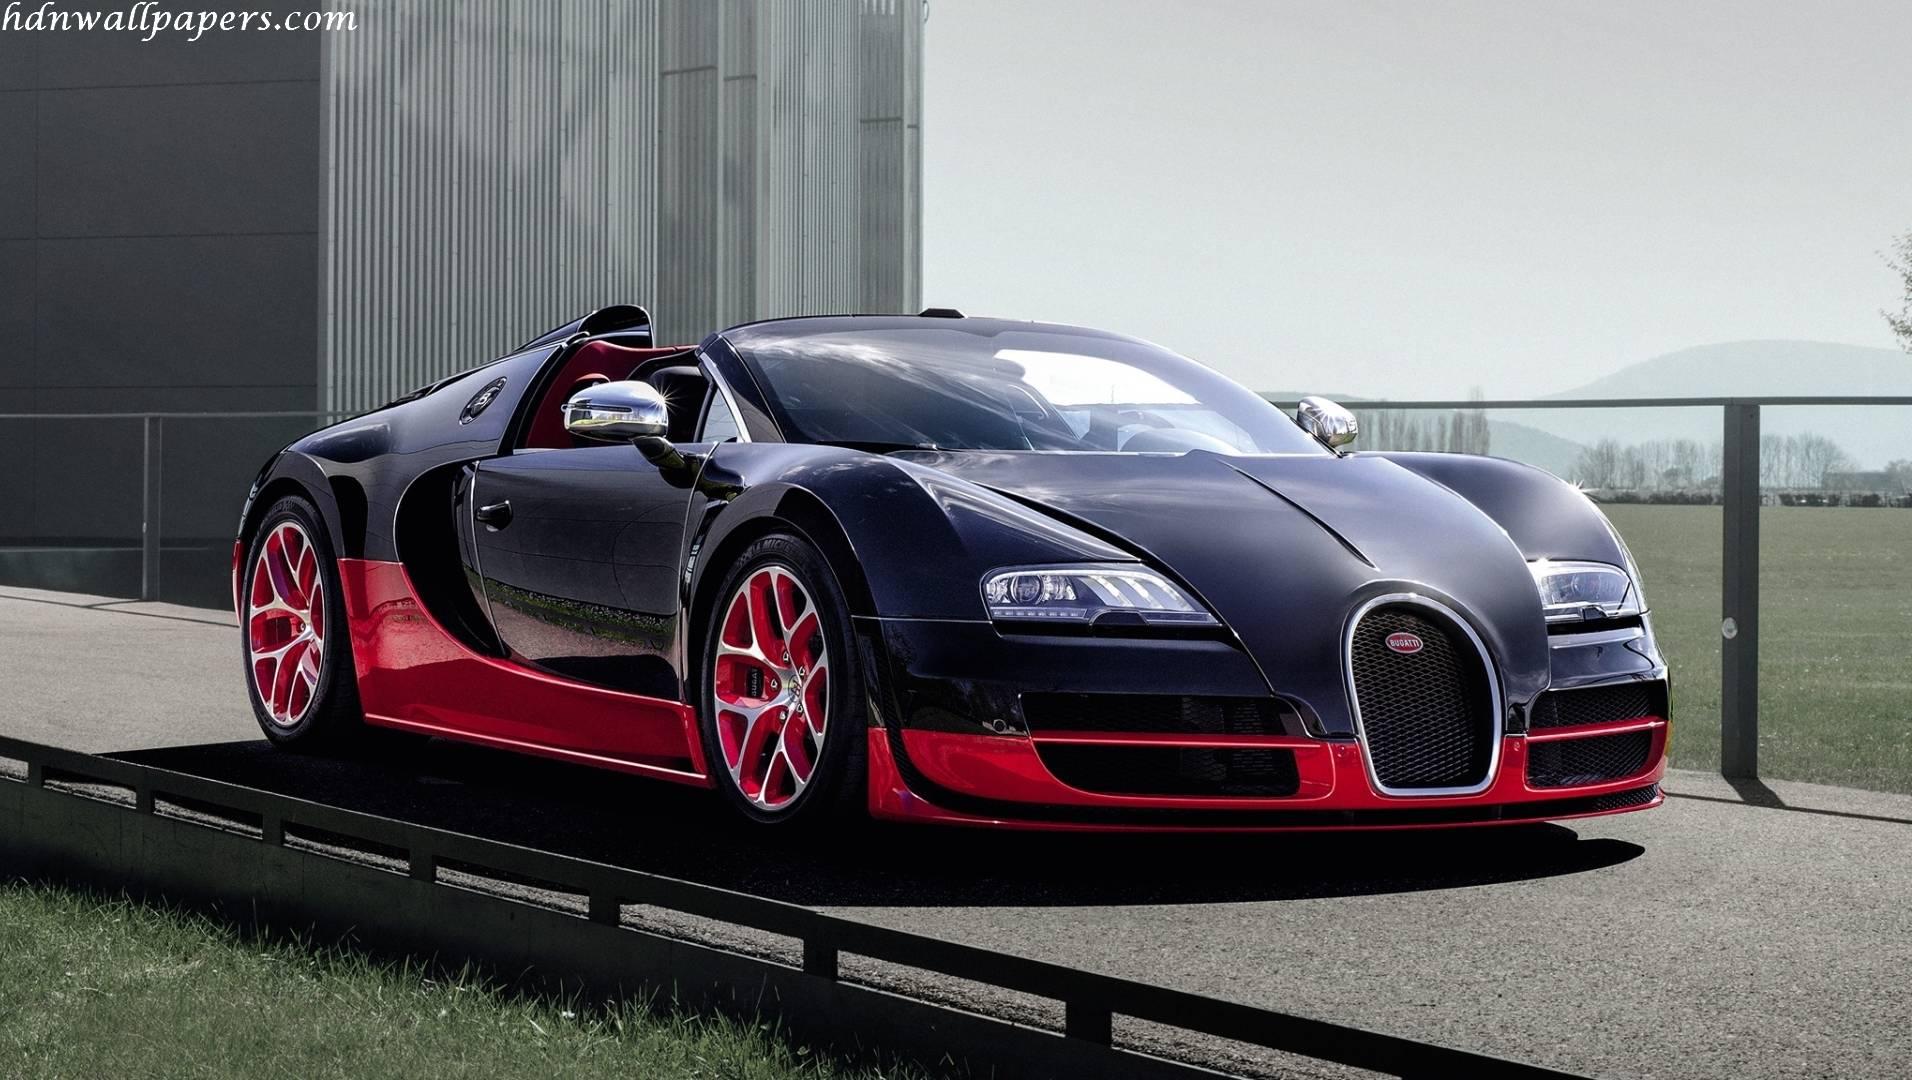 Bugatti Price 2014 23 Wide Car Wallpaper ... Bugatti Price